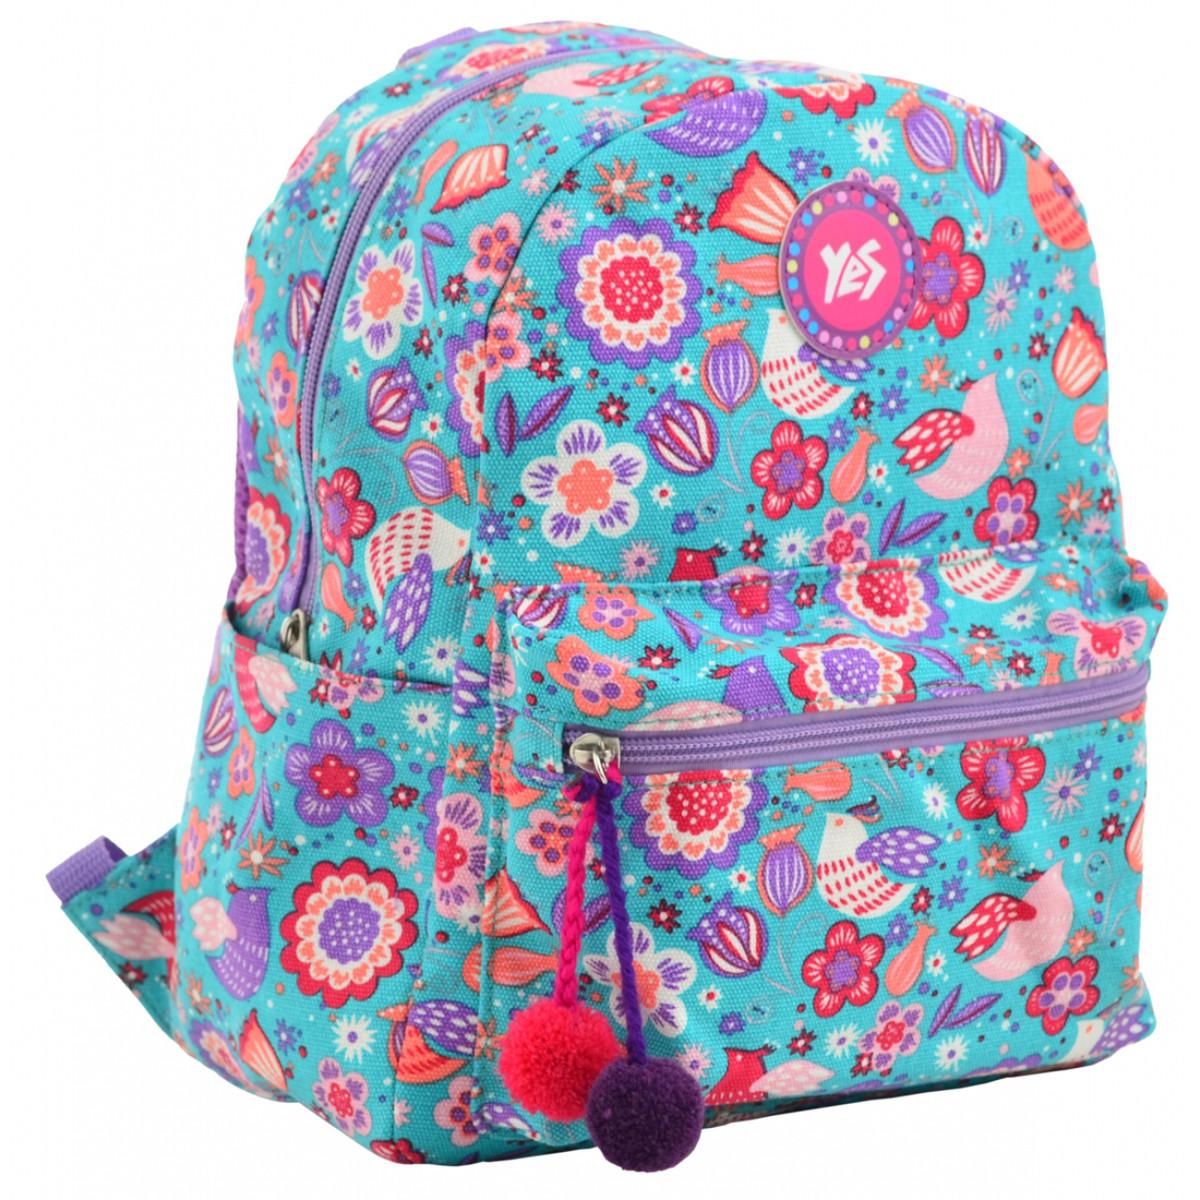 Рюкзак молодежный YES ST-32 Dreamy, 28*22*12 555437